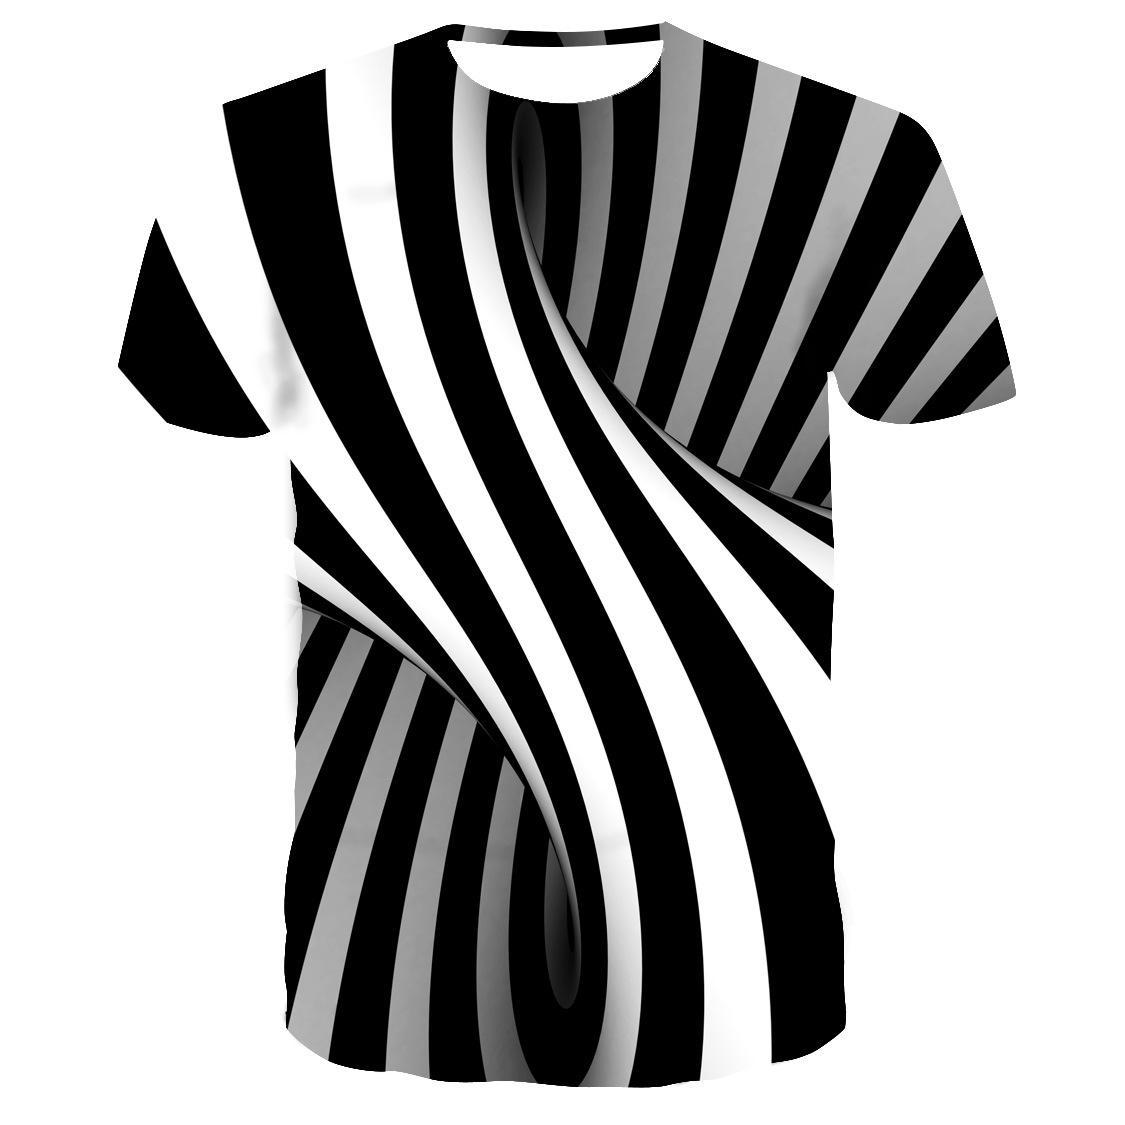 3D футболки Трансграничных взрыва черно-белый гипноз футболка свободная спортивная вскользь люди способа головокружения цифровой печать OE TX